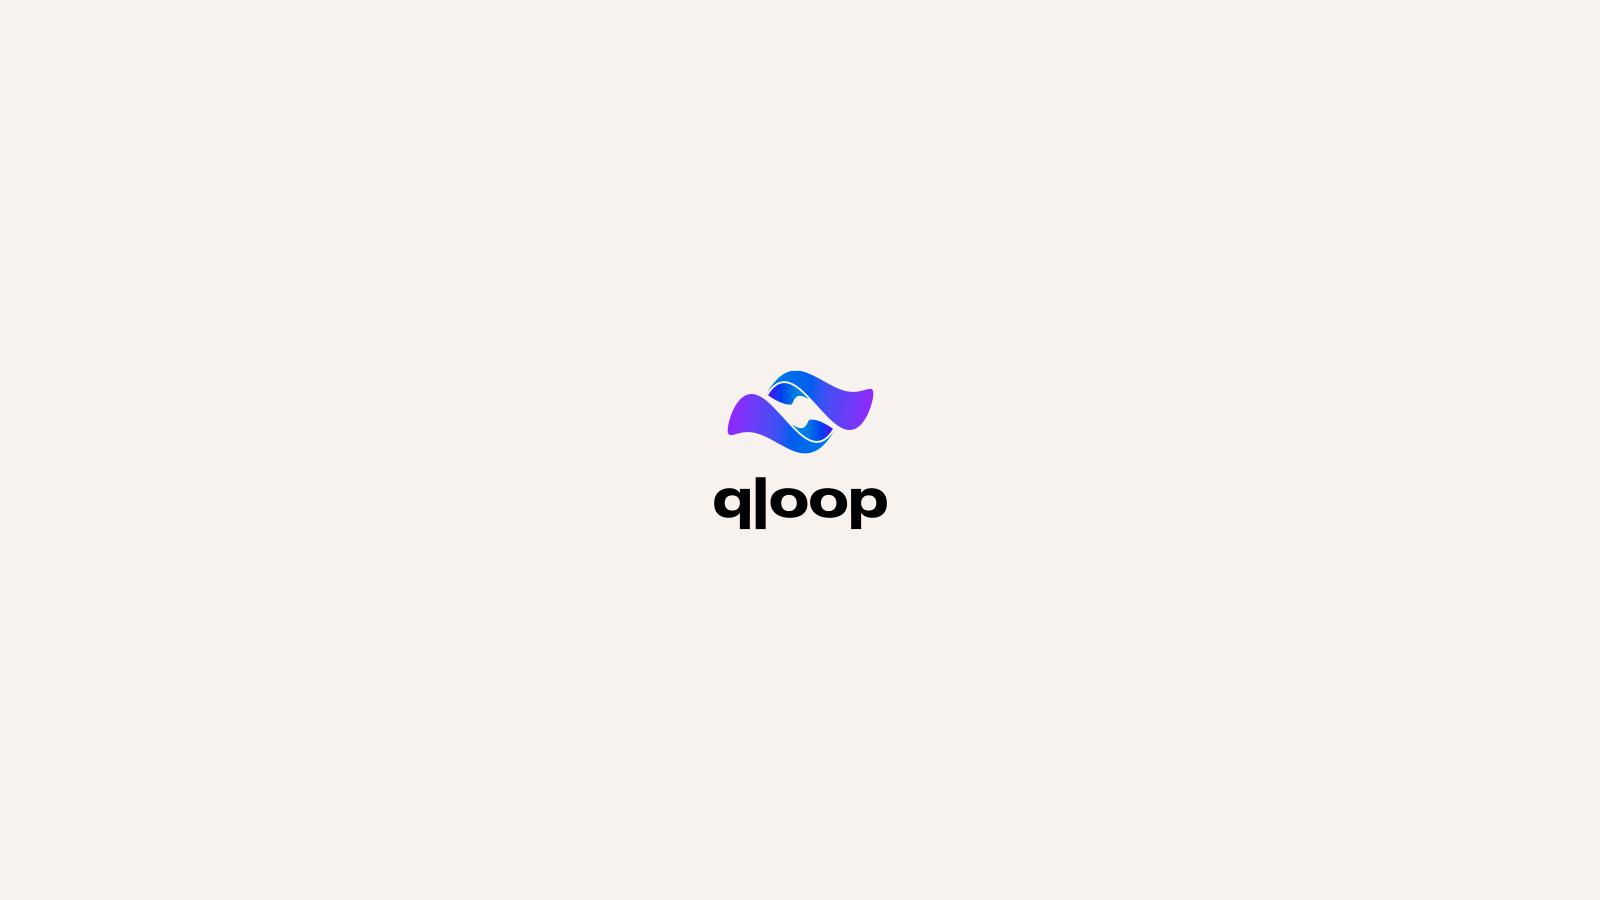 qloop 2.jpg